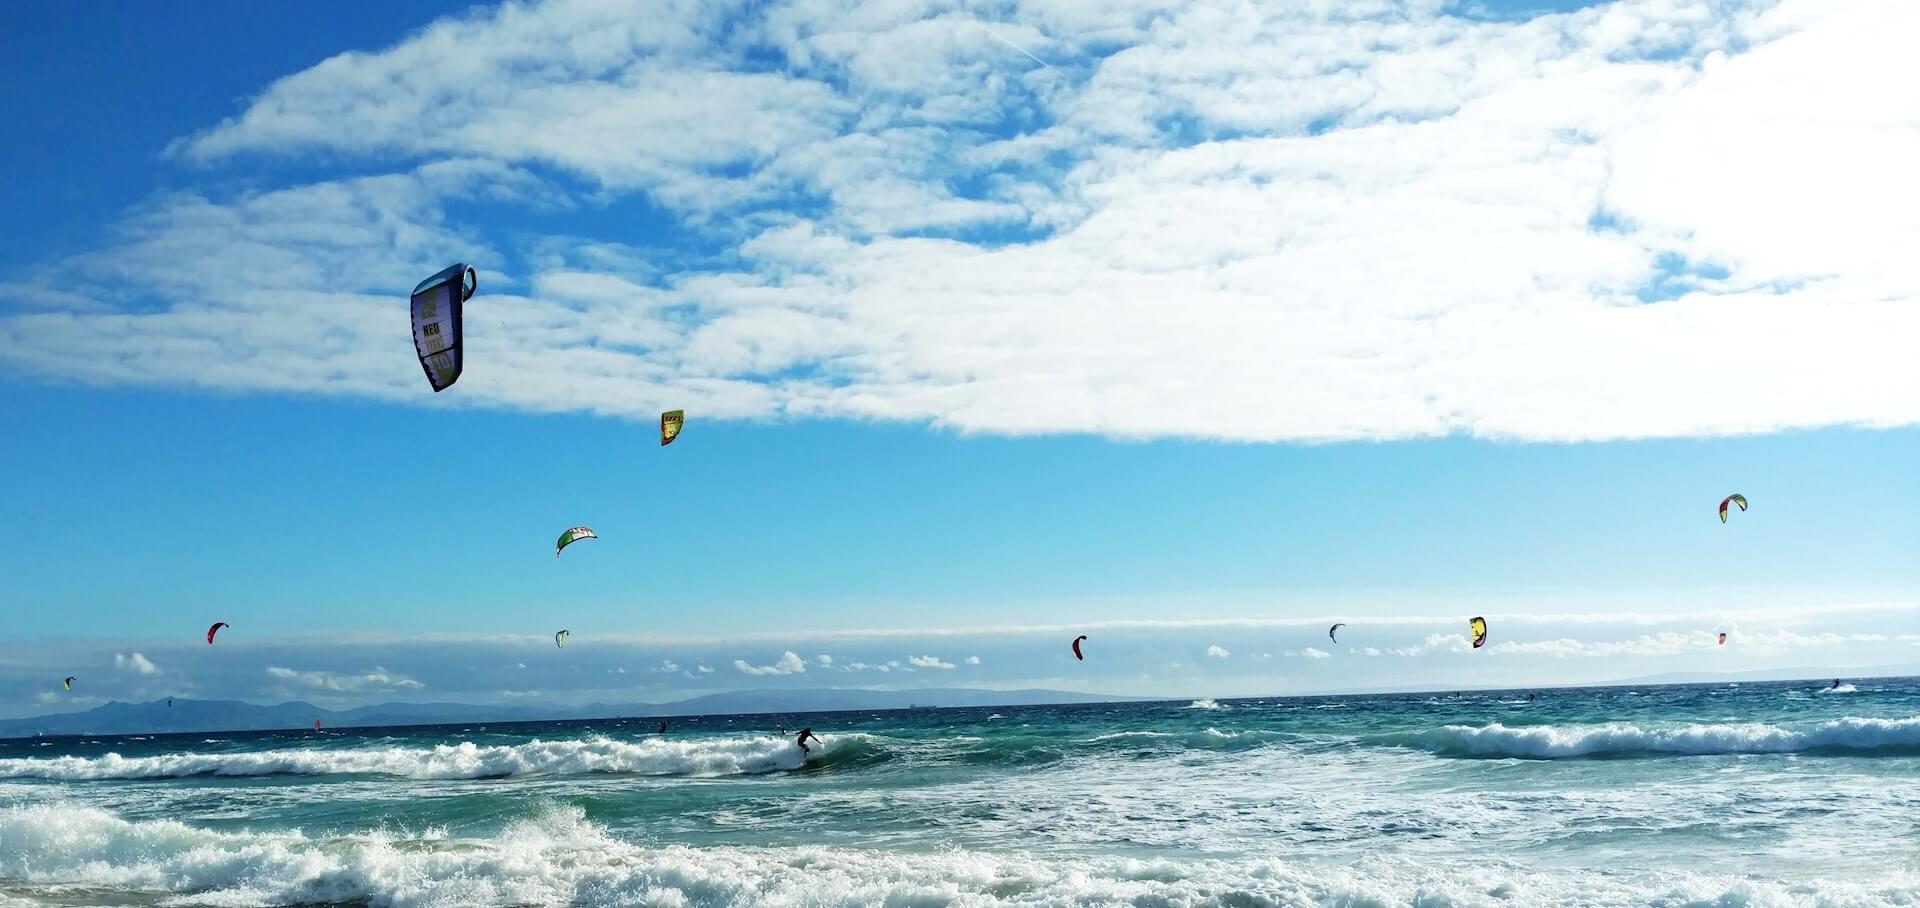 Kitesurfing season in Tarifa